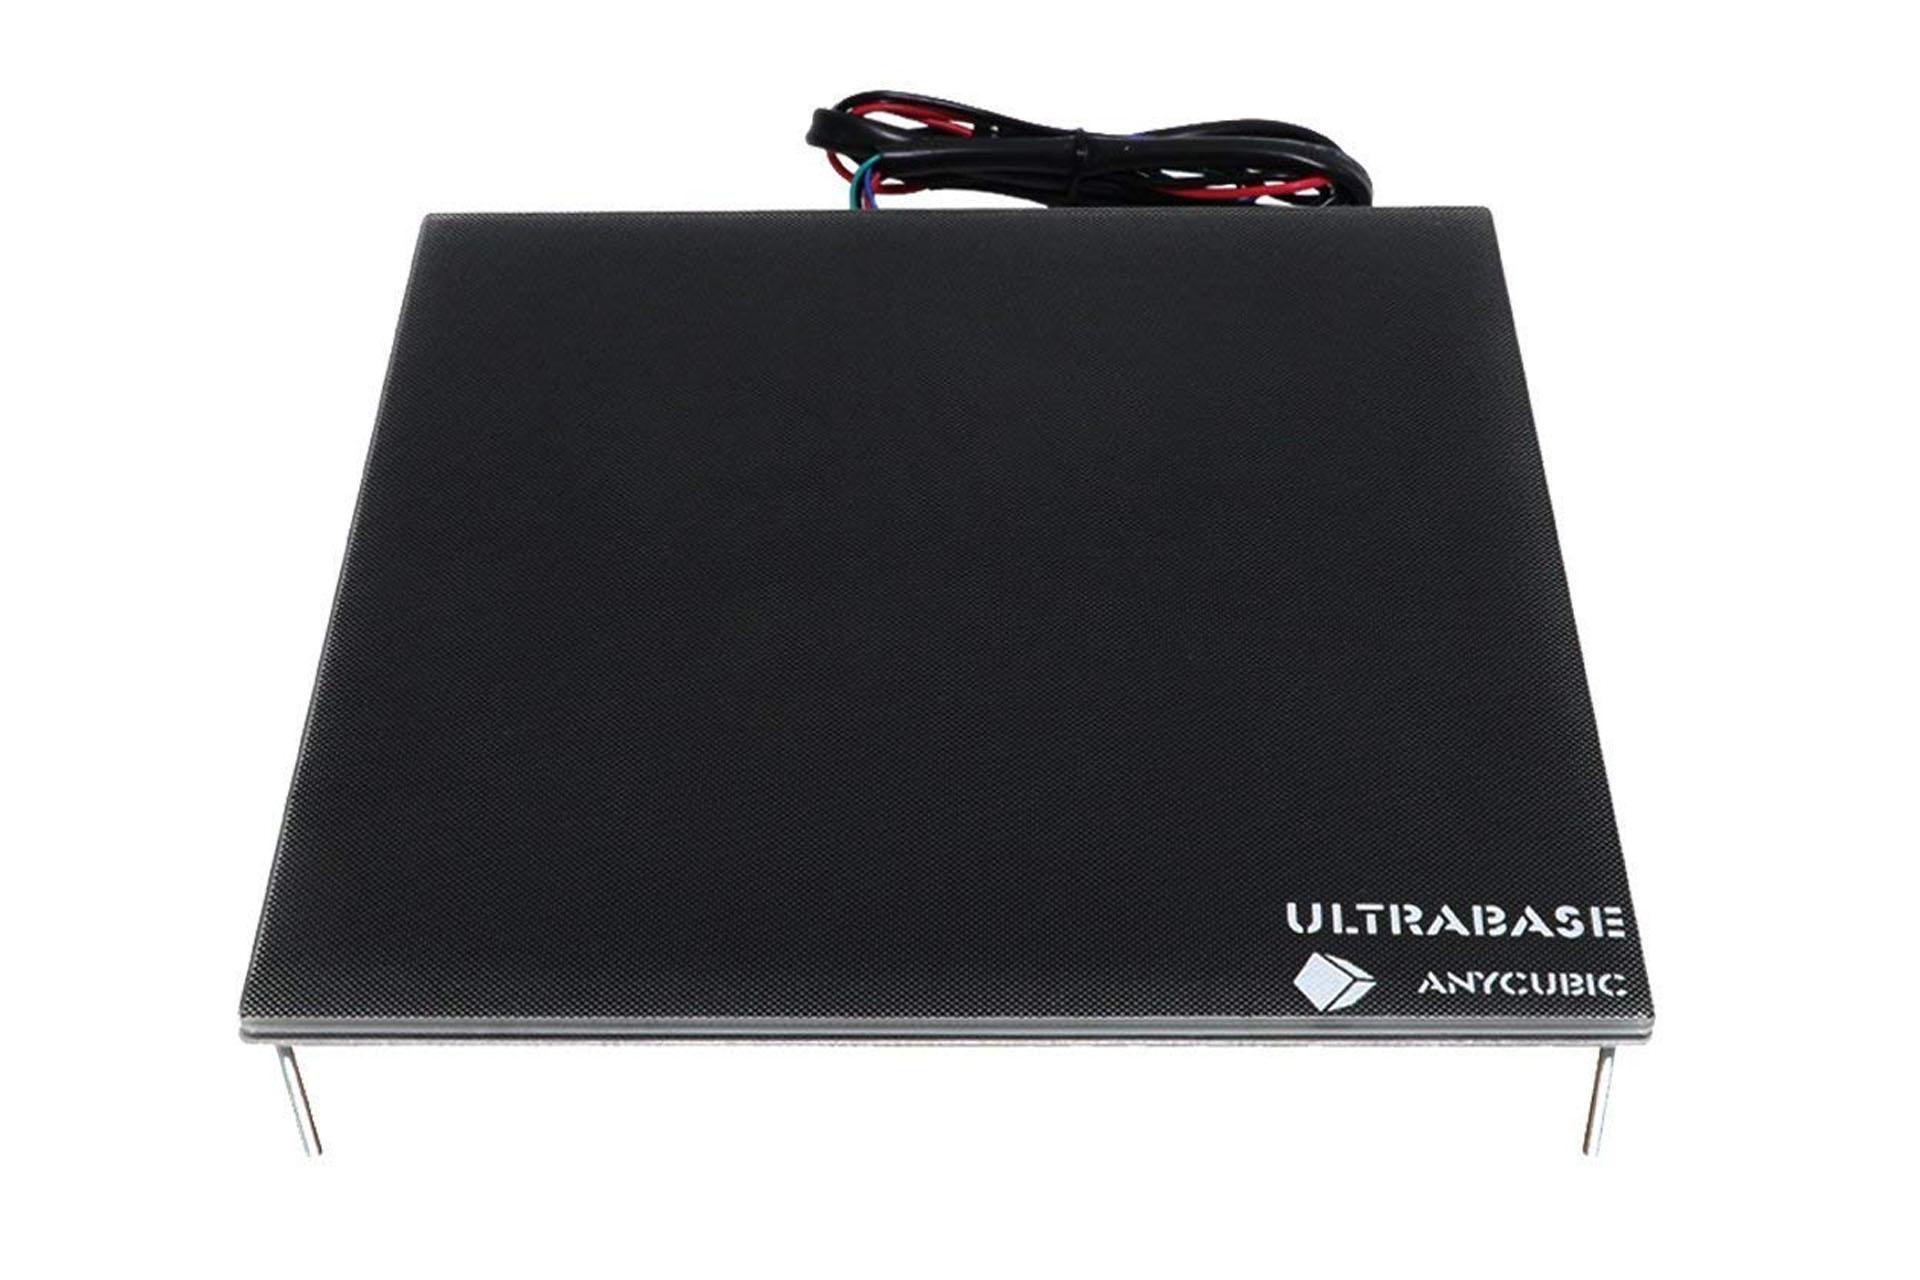 Нагревательная платформа и стекло Ultrabase Anycubic 240 x 220 мм купить украина 1